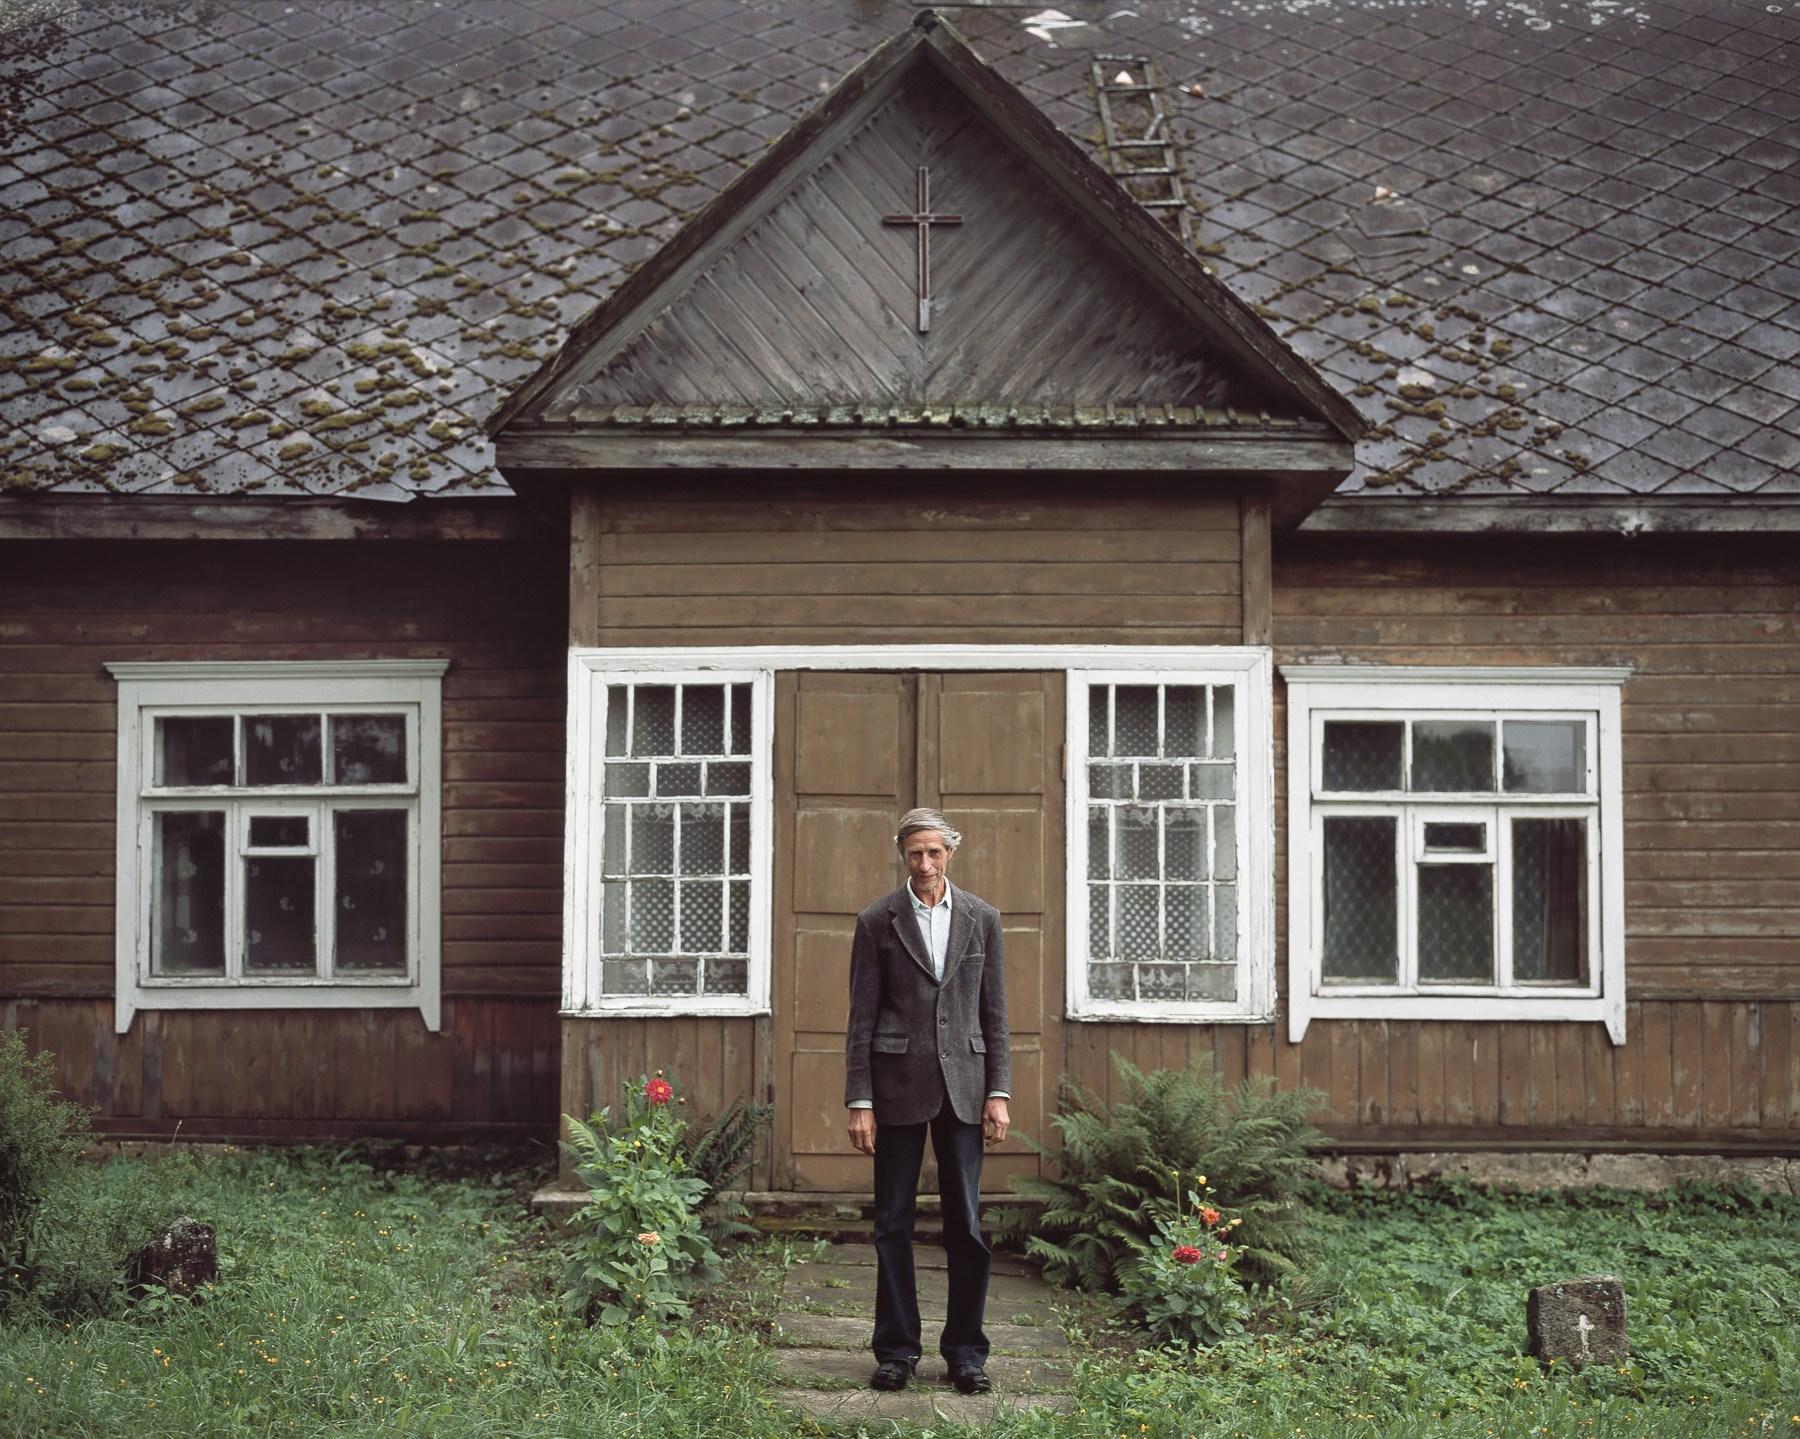 deep-baltic-trepeshchenok-08